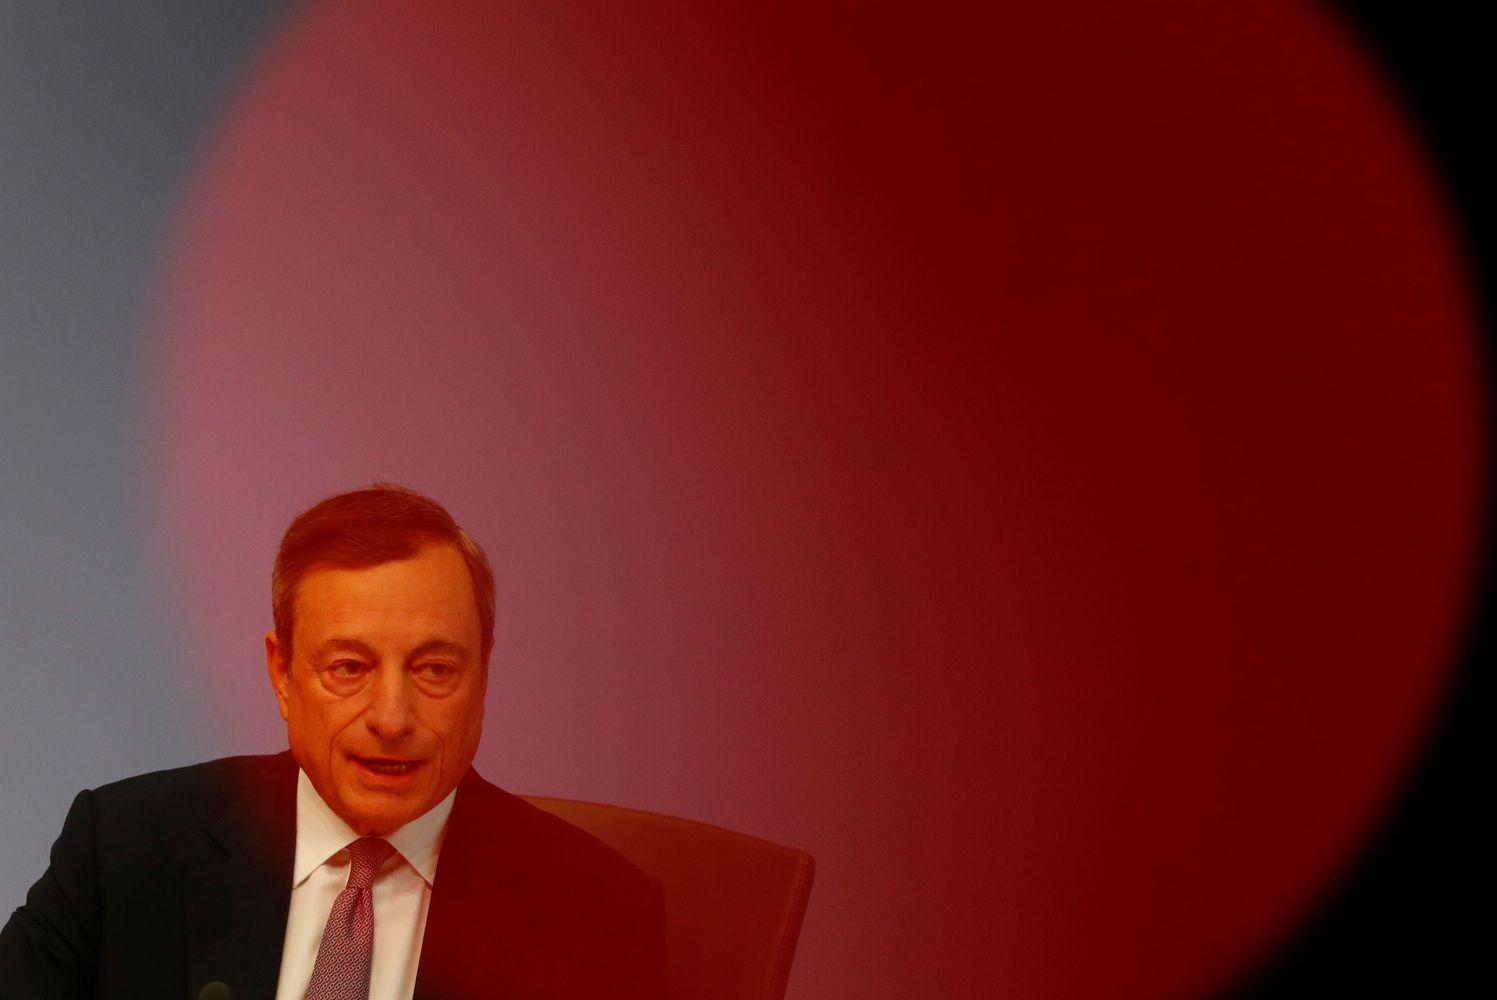 Estijos užgaida turėti savo kriptovaliutą Draghi nesužavėjo